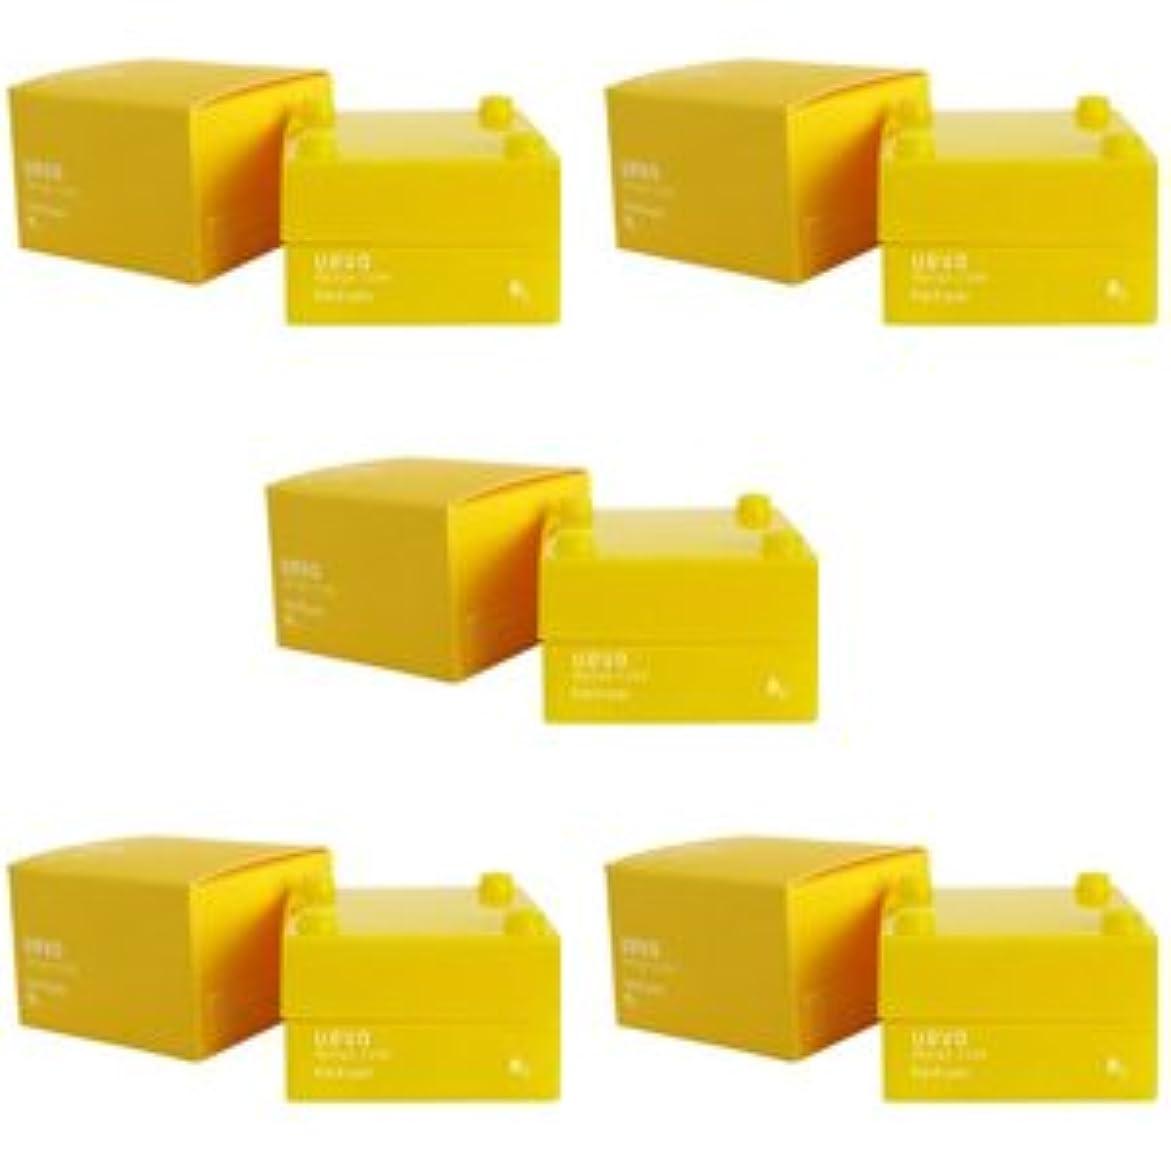 言い聞かせる学ぶ落ち着いた【X5個セット】 デミ ウェーボ デザインキューブ ハードワックス 30g hard wax DEMI uevo design cube